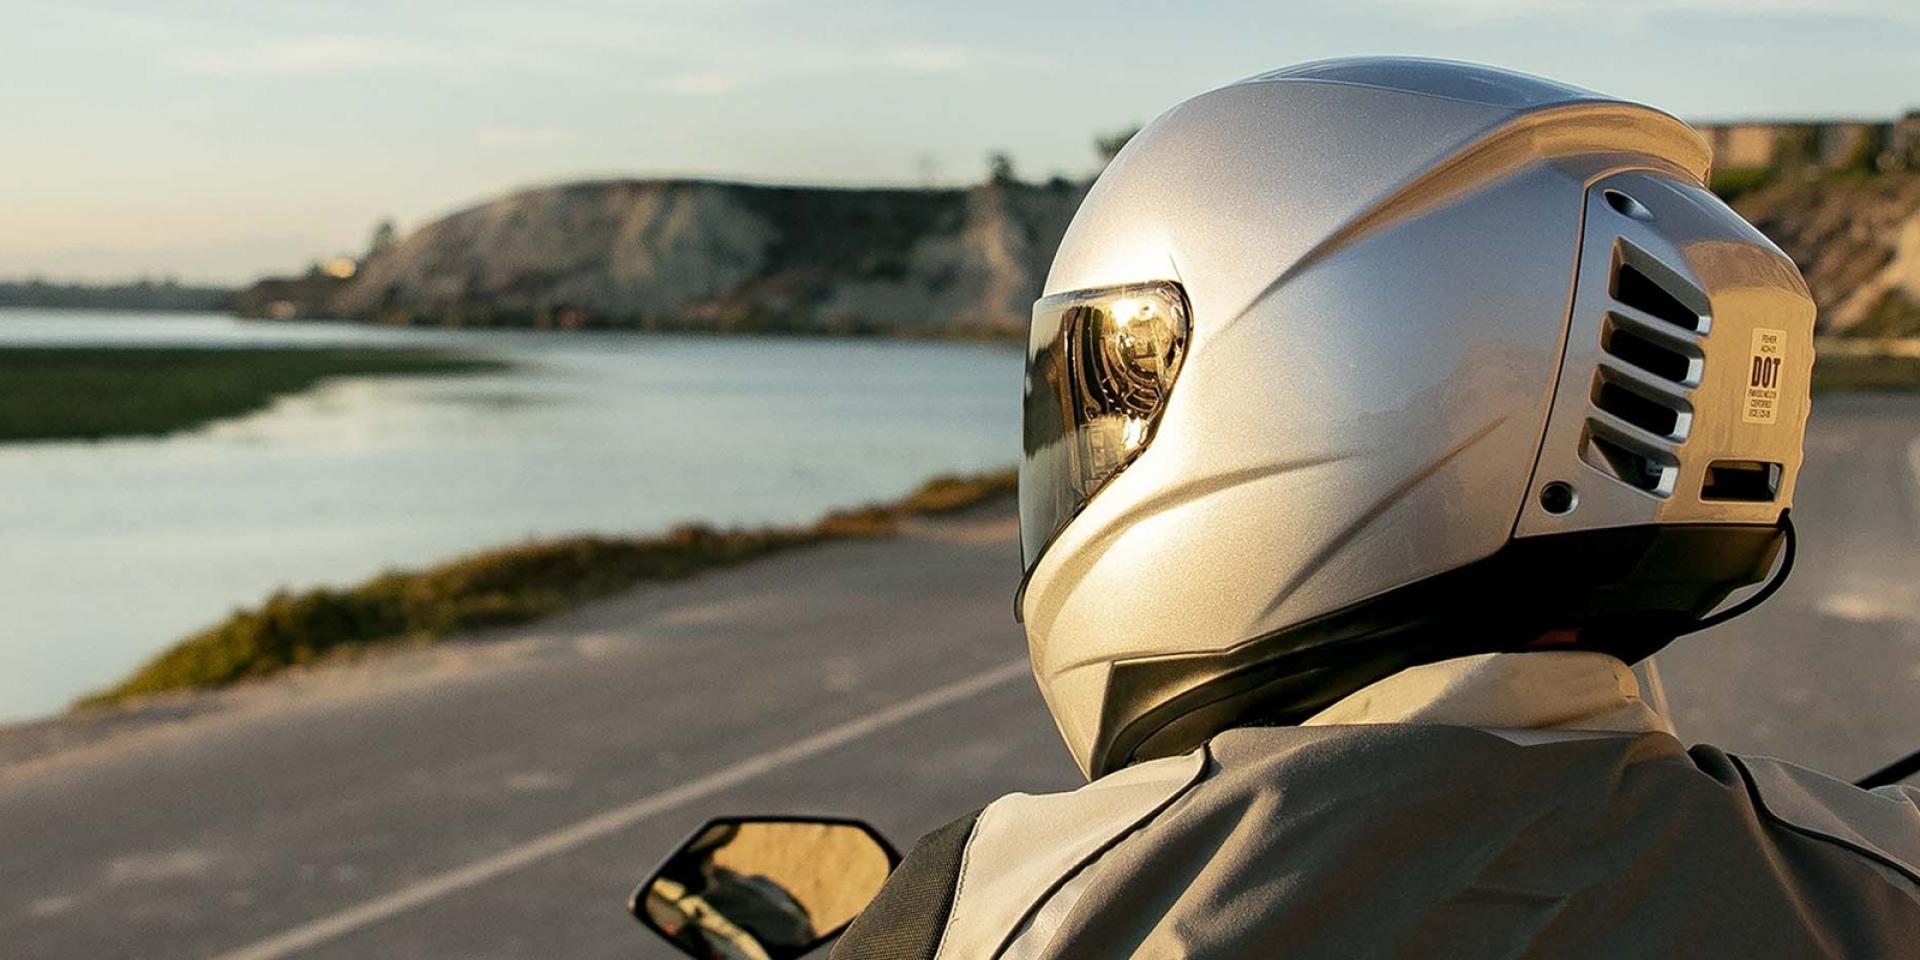 鴨尾冷氣設計超帥氣!Feher HelmetsACH-1冷氣安全帽